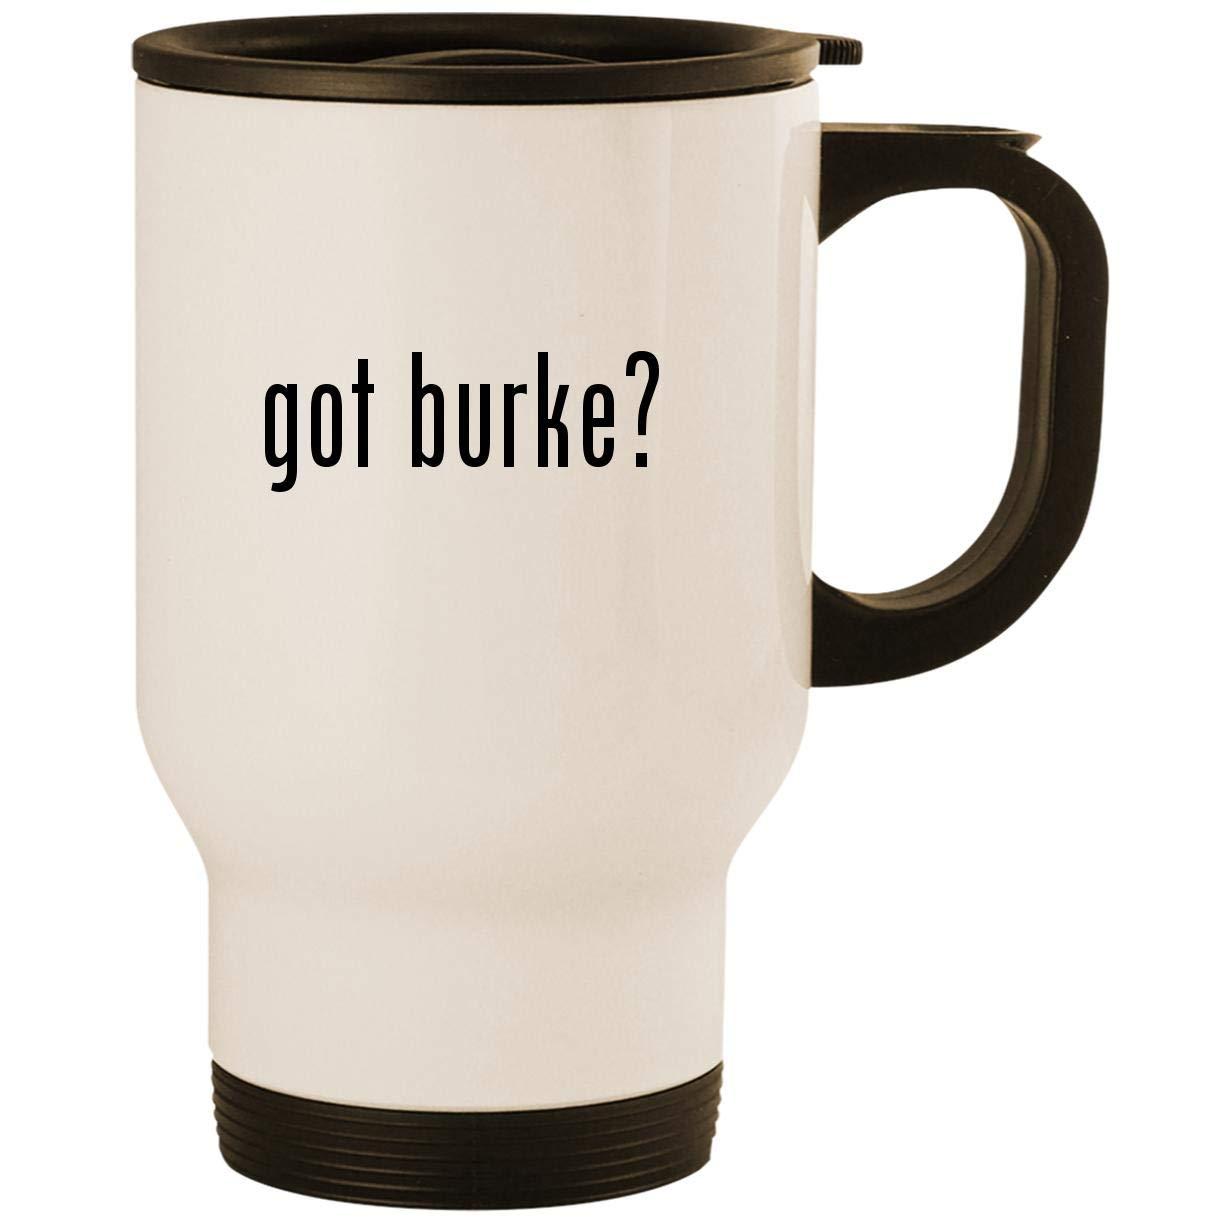 got burke? - Stainless Steel 14oz Road Ready Travel Mug, White